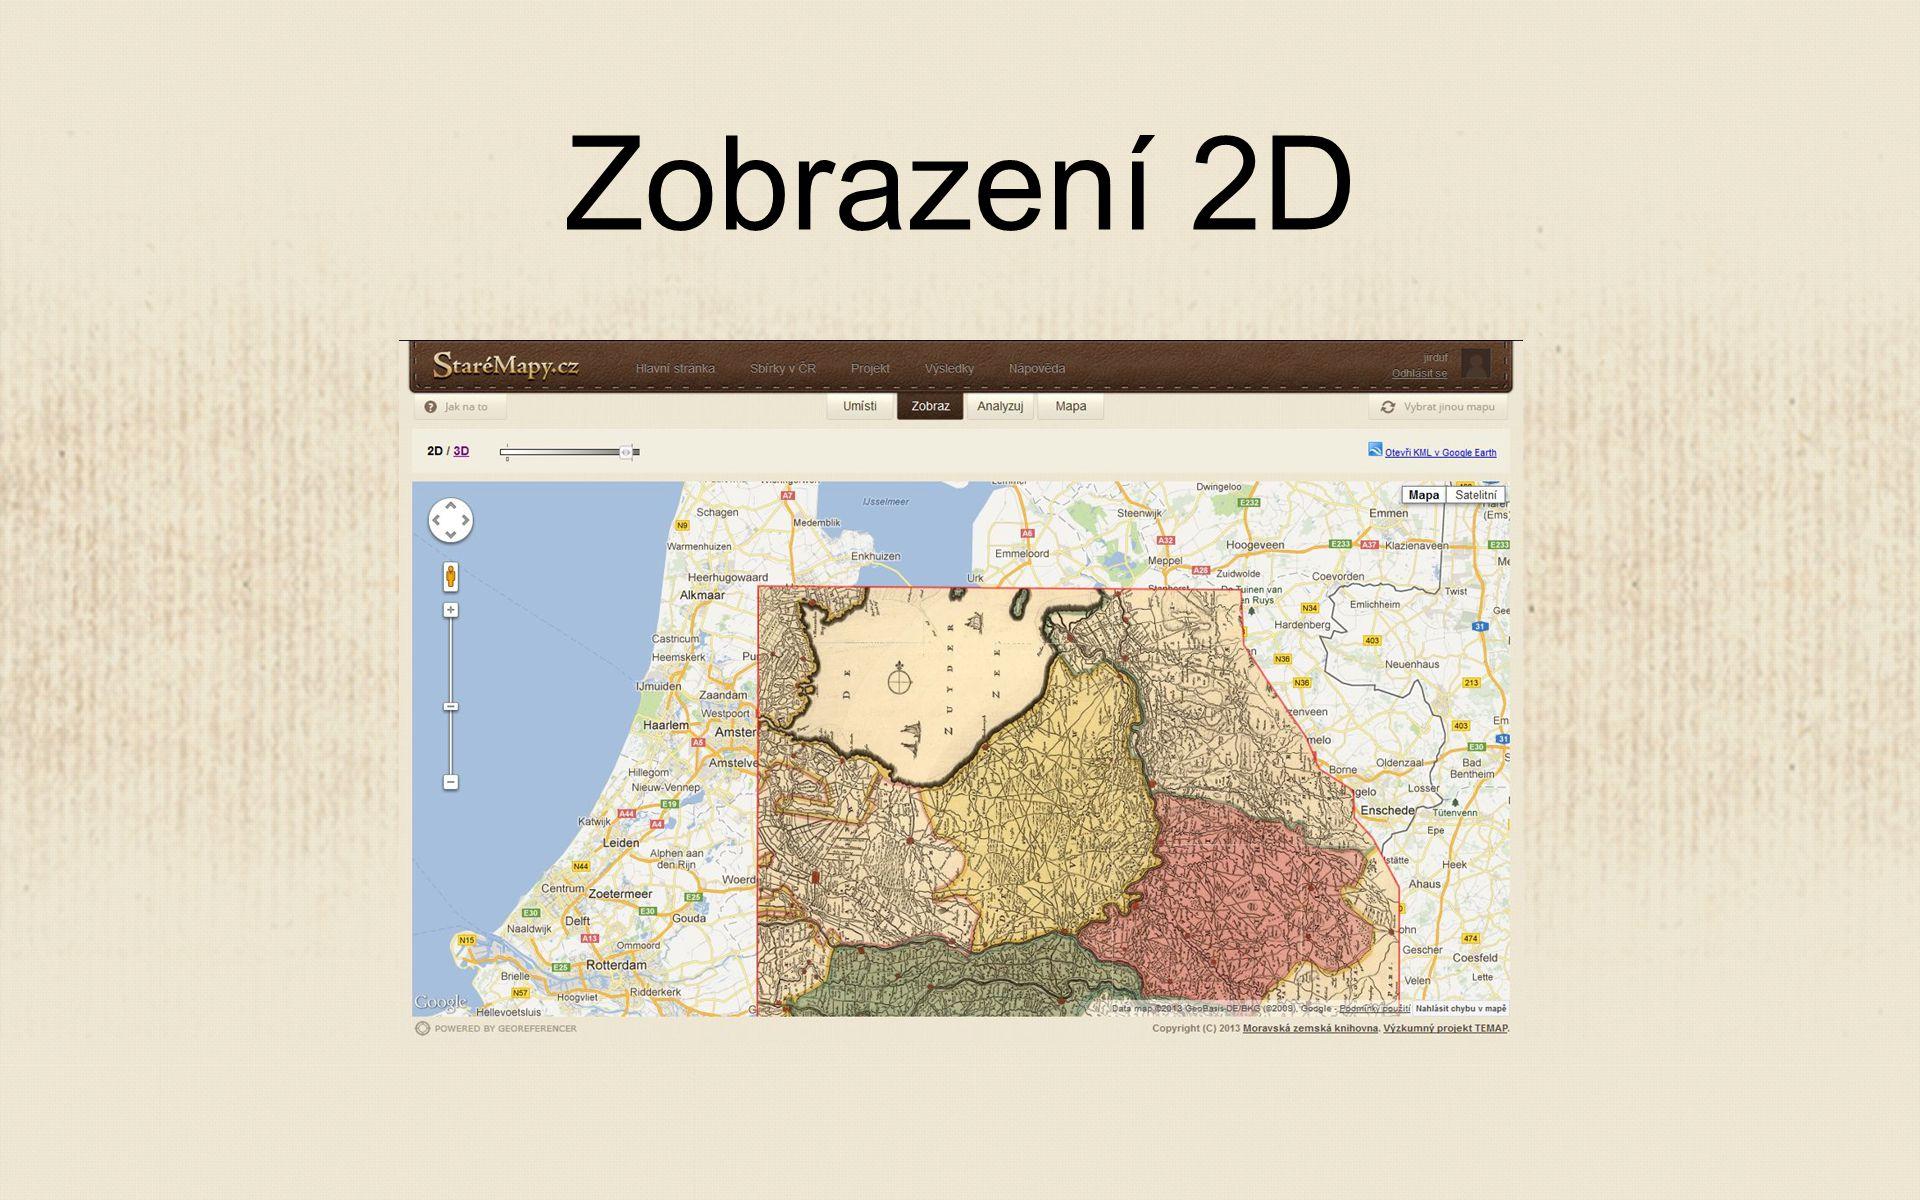 Zobrazení 2D